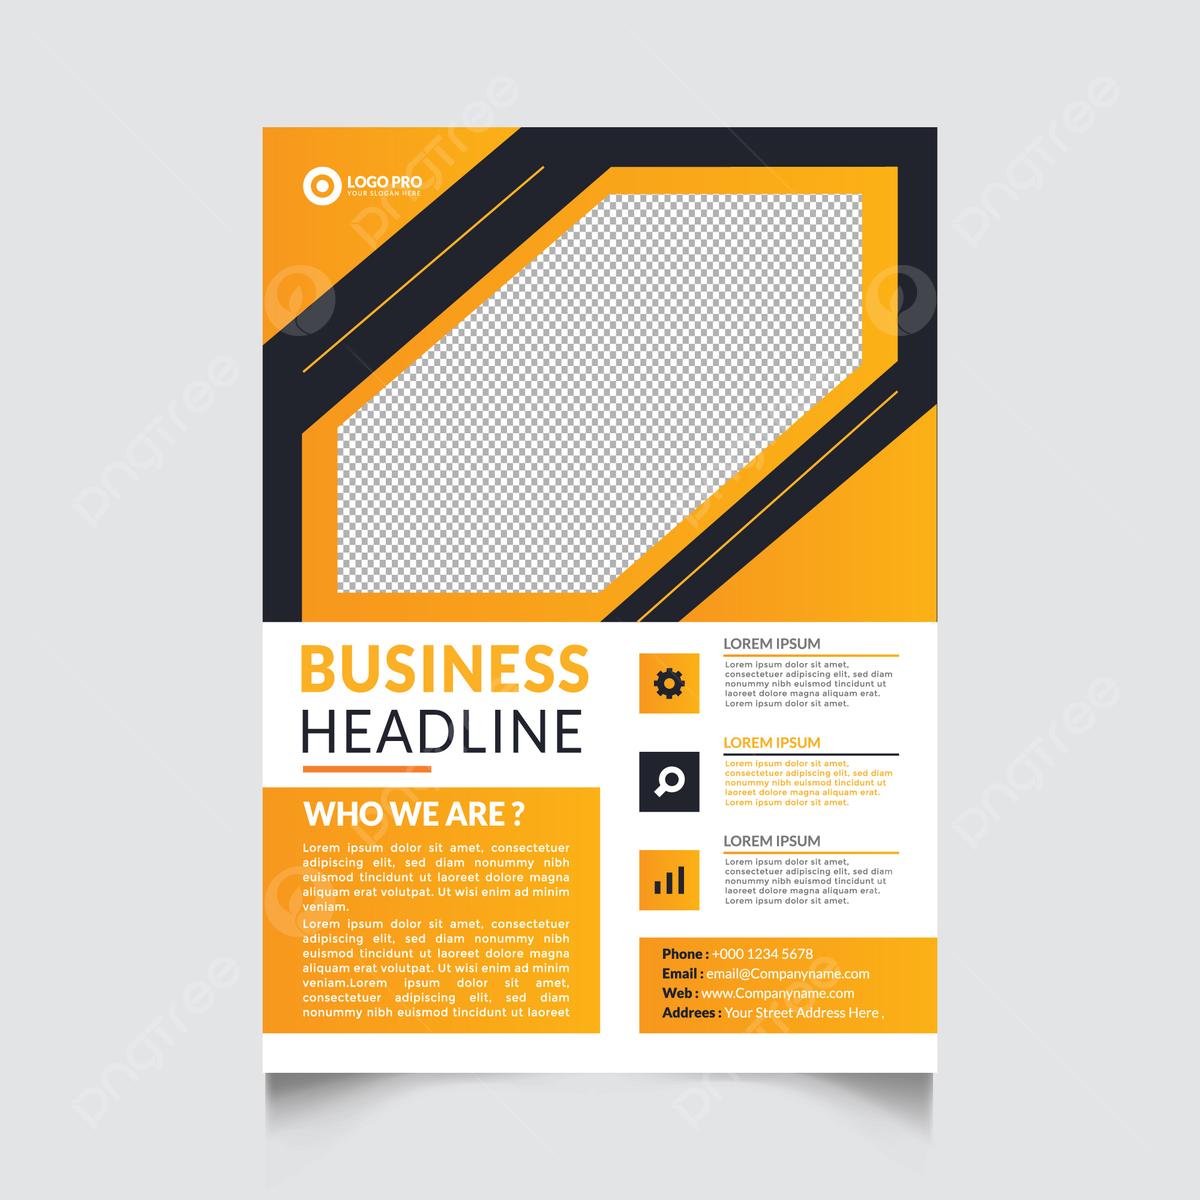 Templat Desain Brosur Gaya Bisnis Templat Untuk Unduh Gratis Di Pngtree